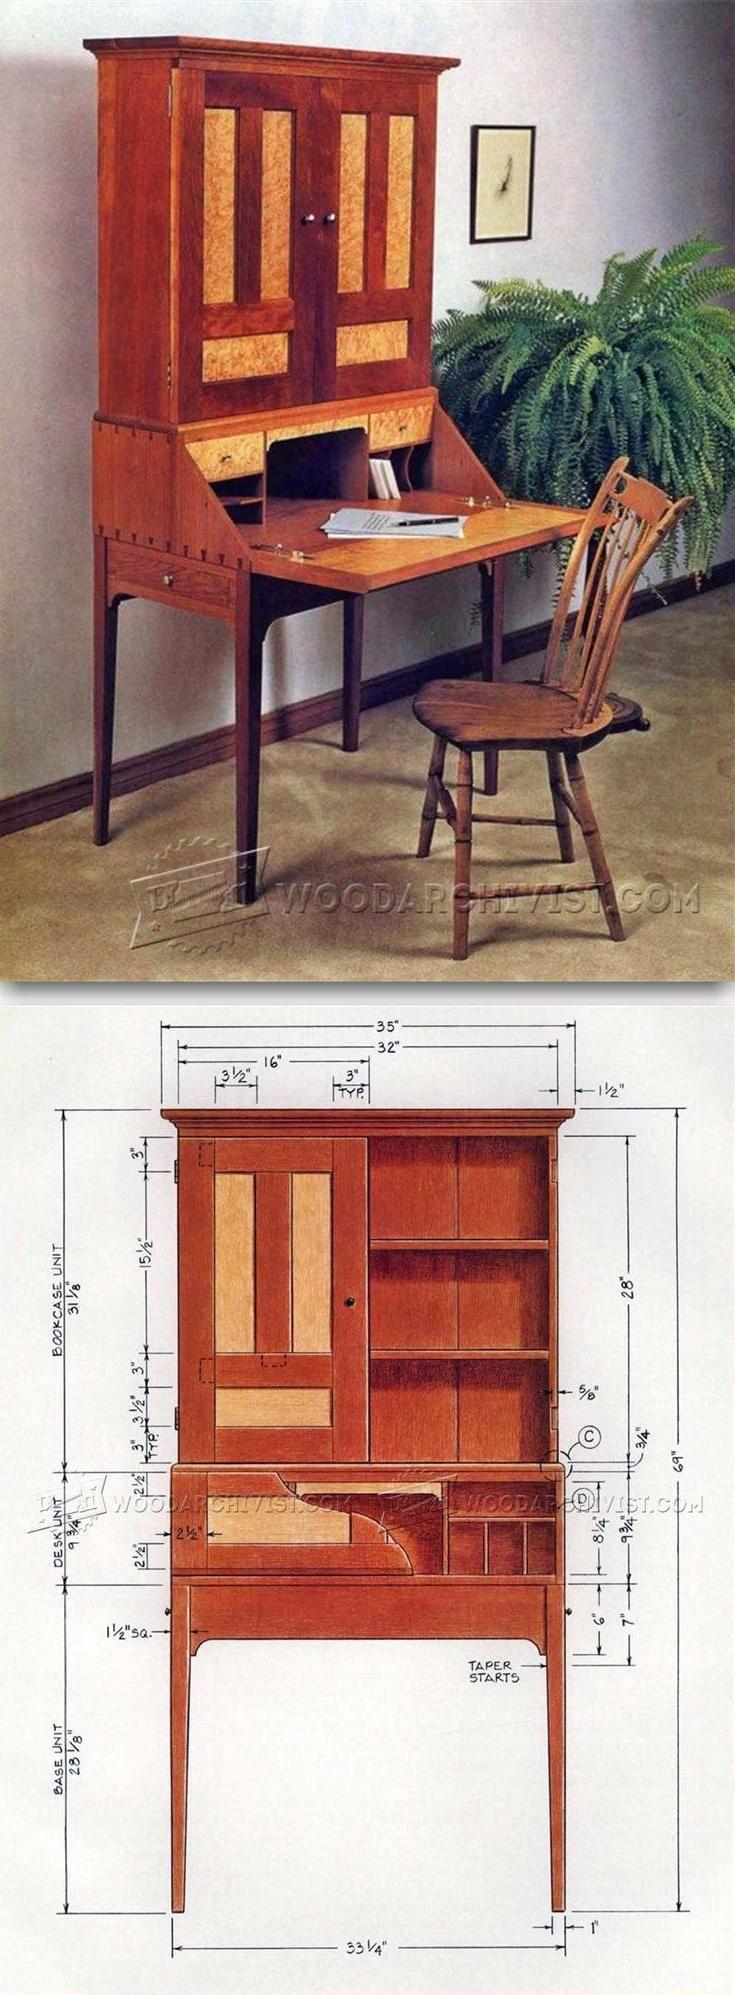 Drop Front Desk Plans - Furniture Plans and Projects | WoodArchivist.com